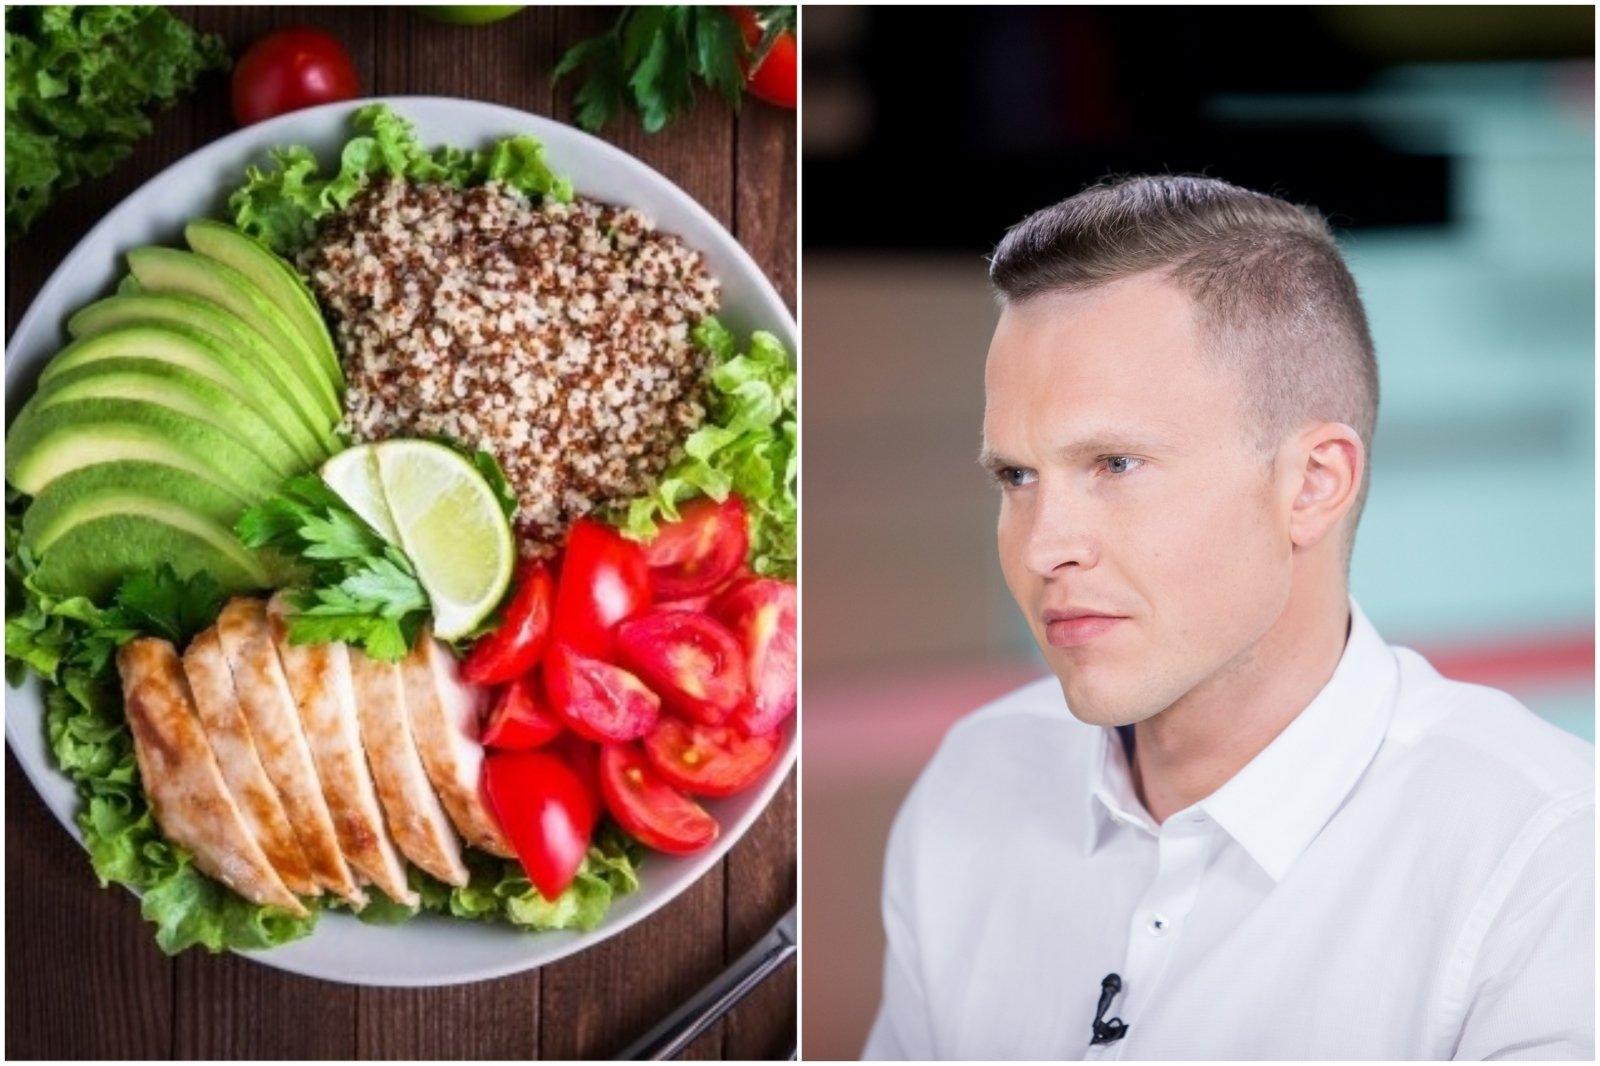 Daktaras Unikauskas papasakojo, kas iš tiesų lėtina medžiagų apykaitą: viena iš priežasčių – dietos